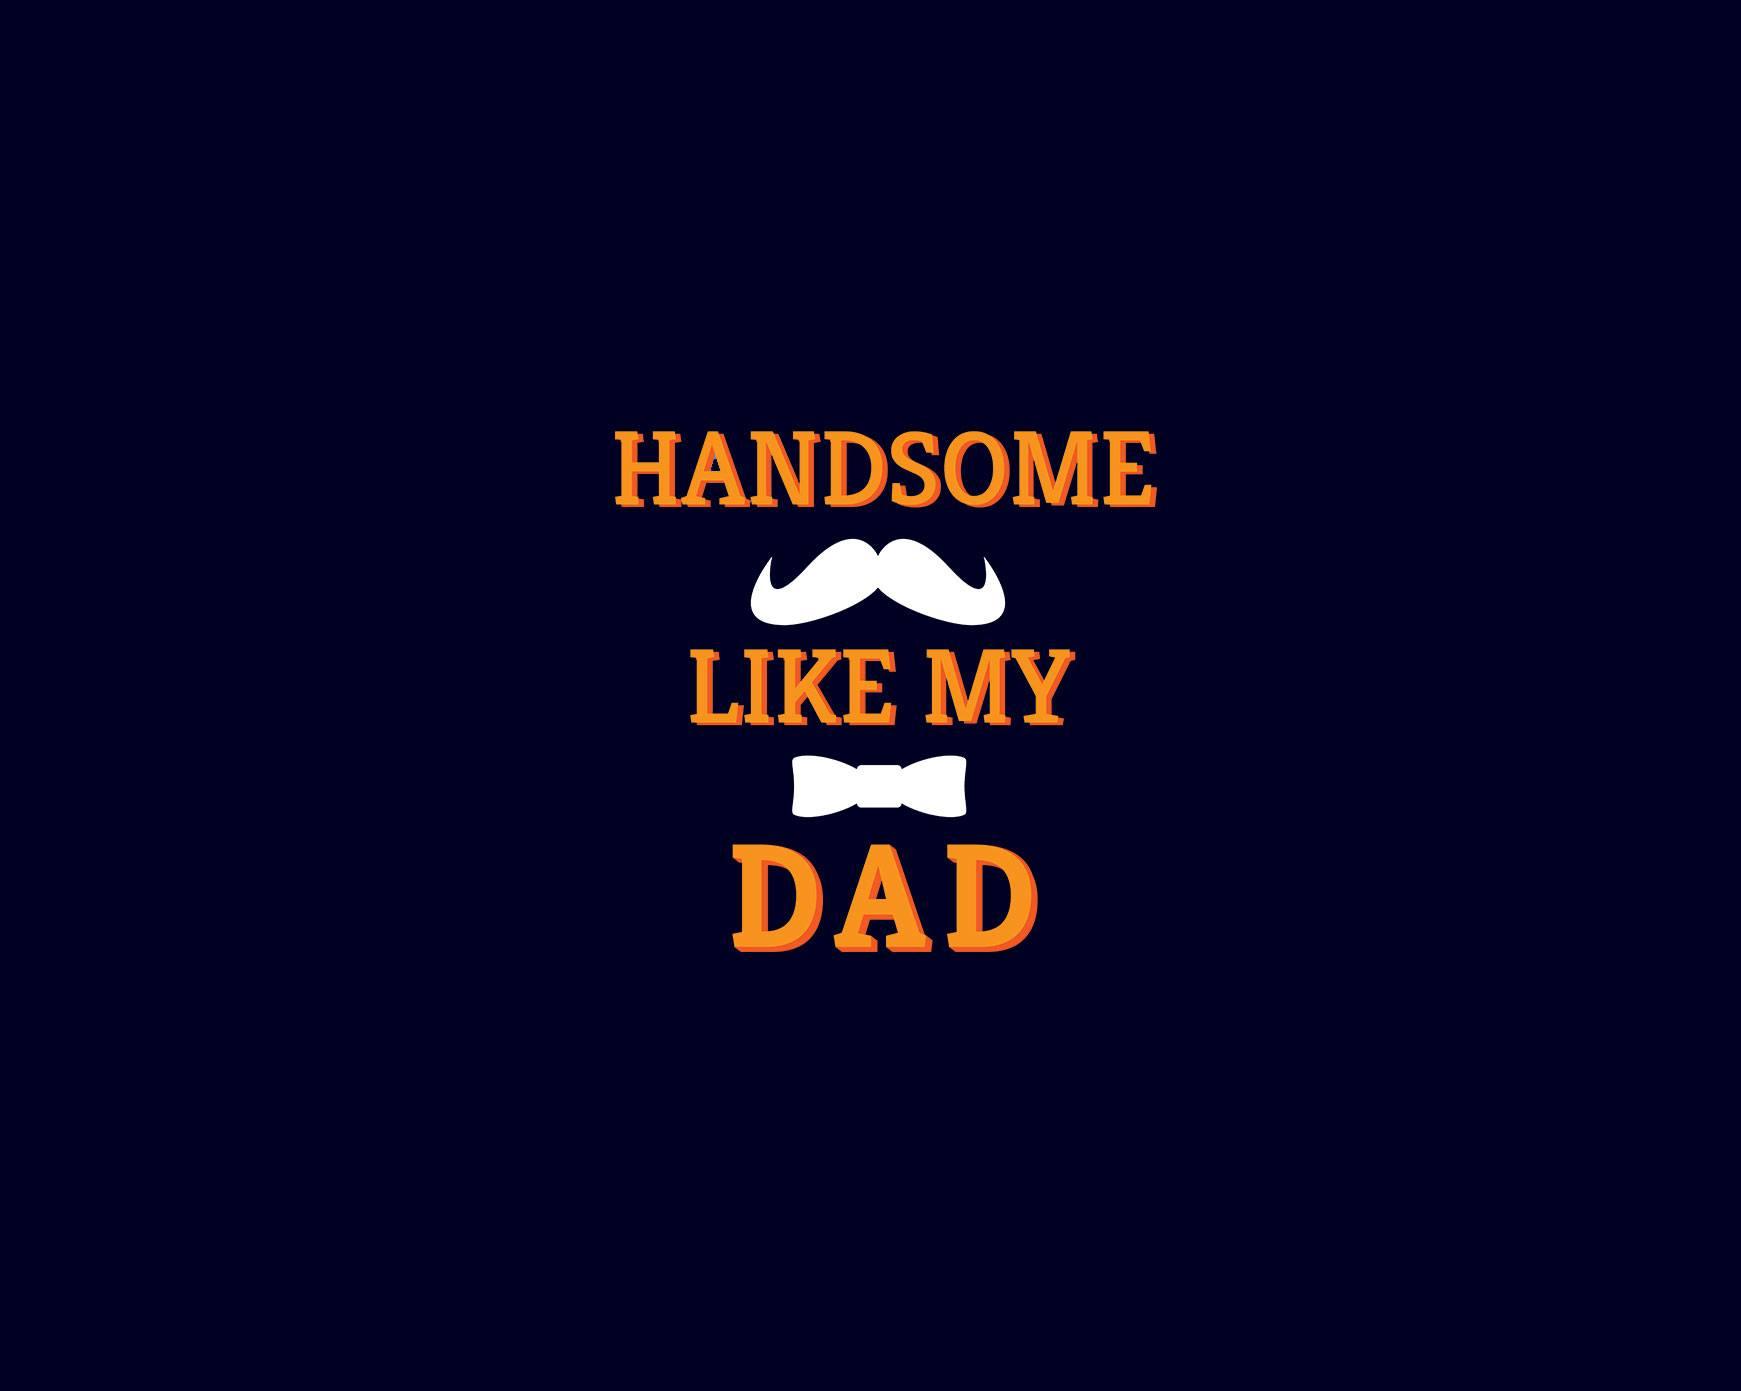 handsomedaddy.jpg